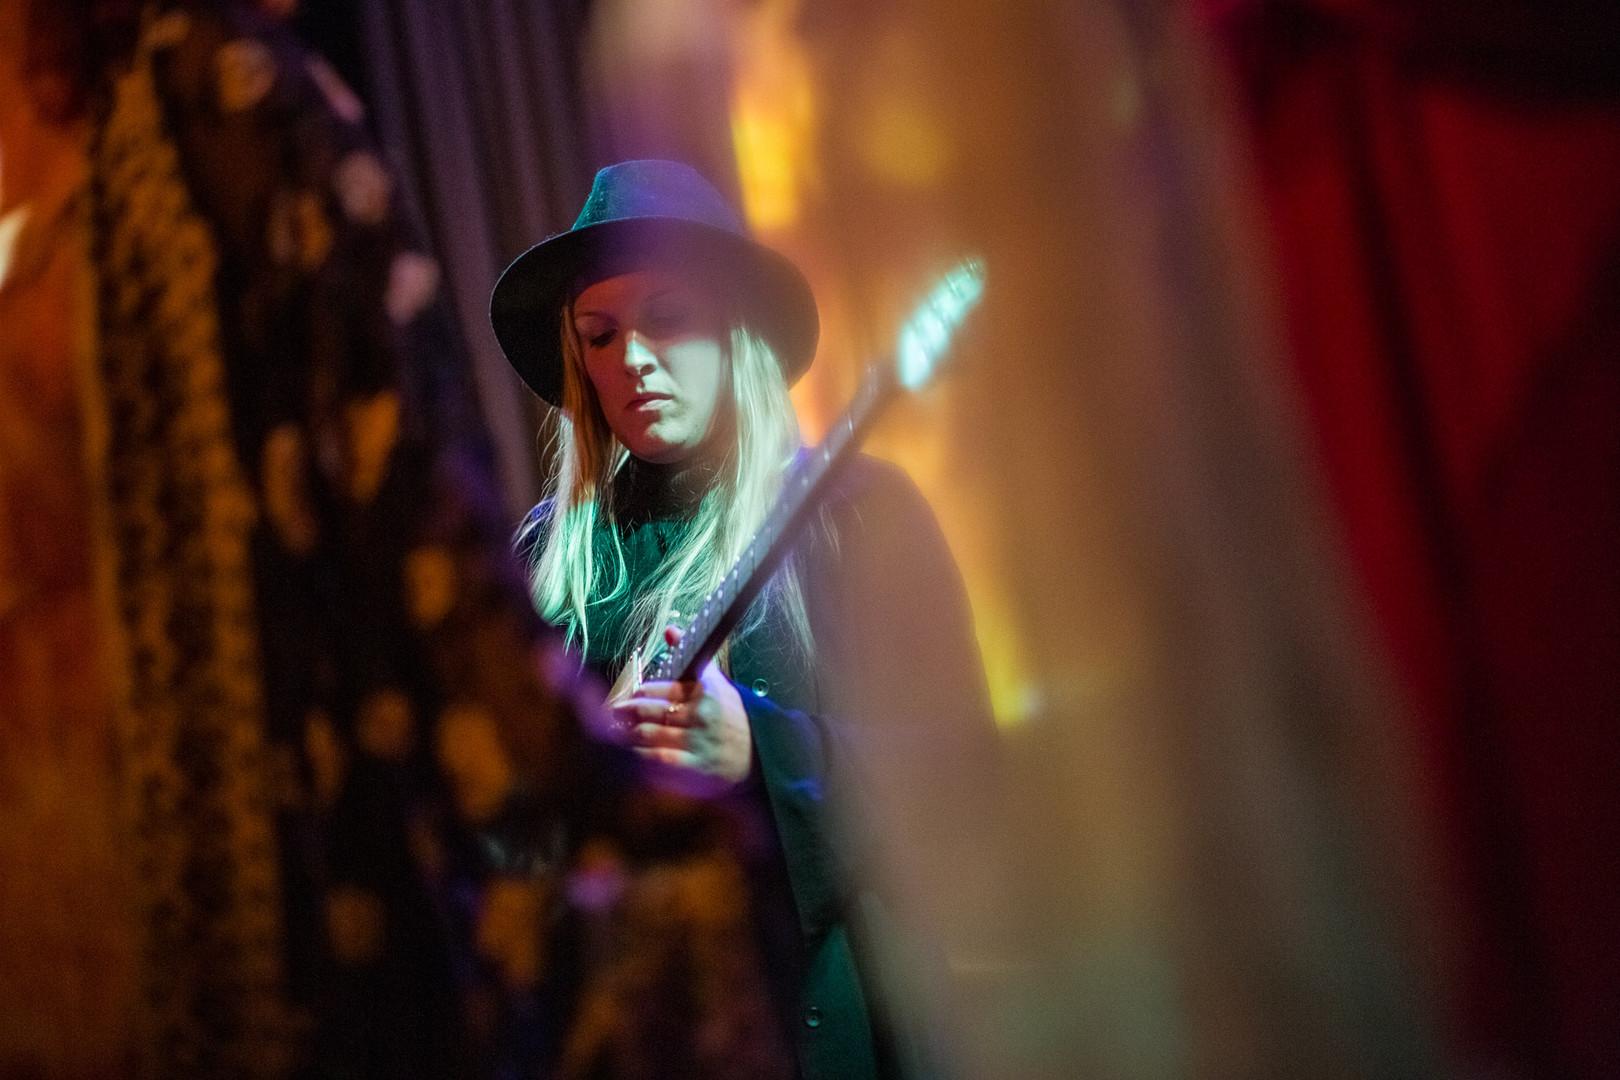 Photo: Megan Elyse Photography